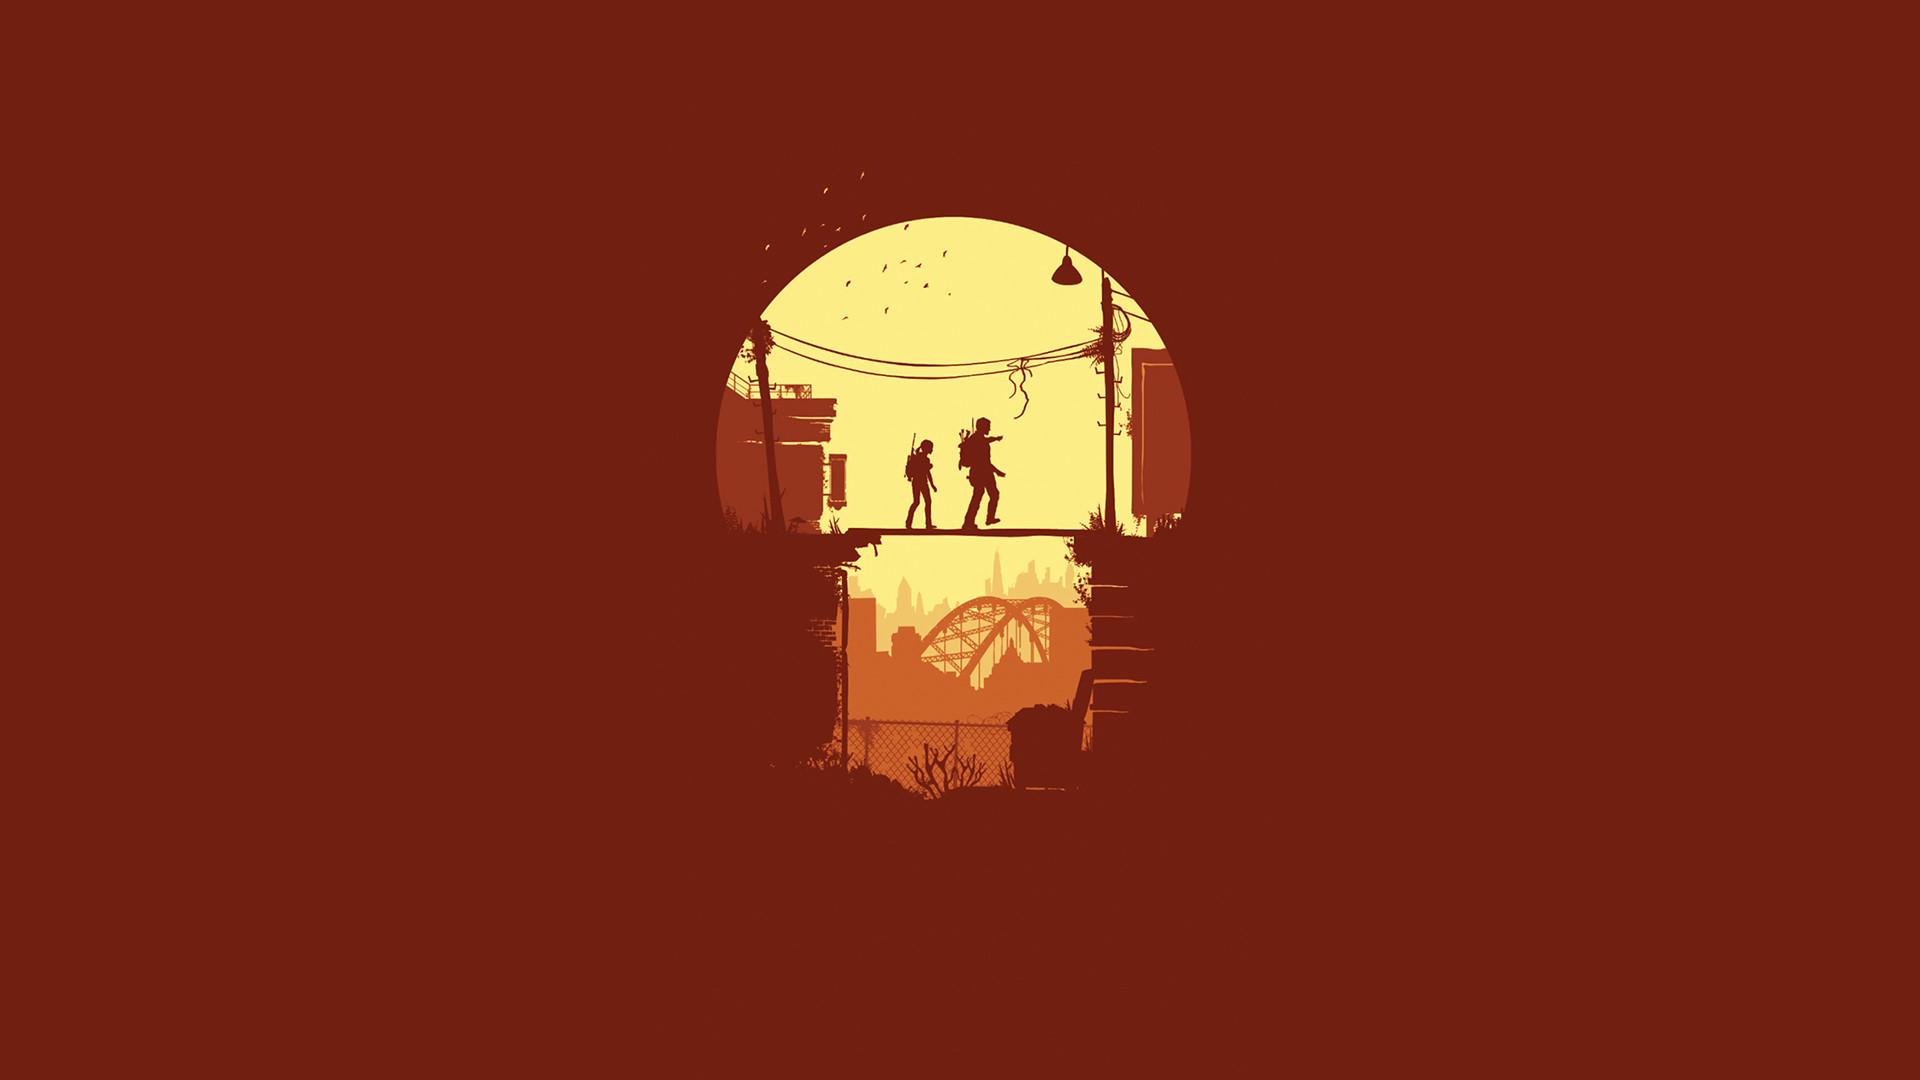 Minimalist Last of Us Wallpaper 1920x1080